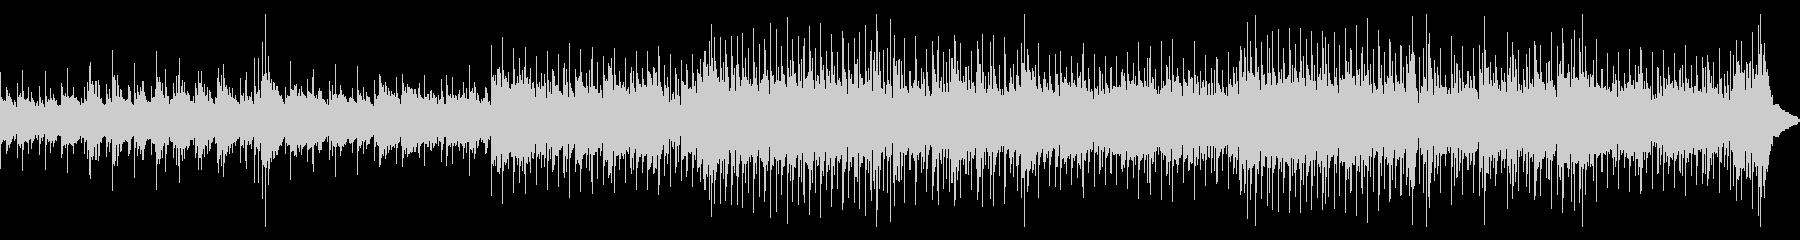 スロー。ピアノバー。ハーモニカの未再生の波形